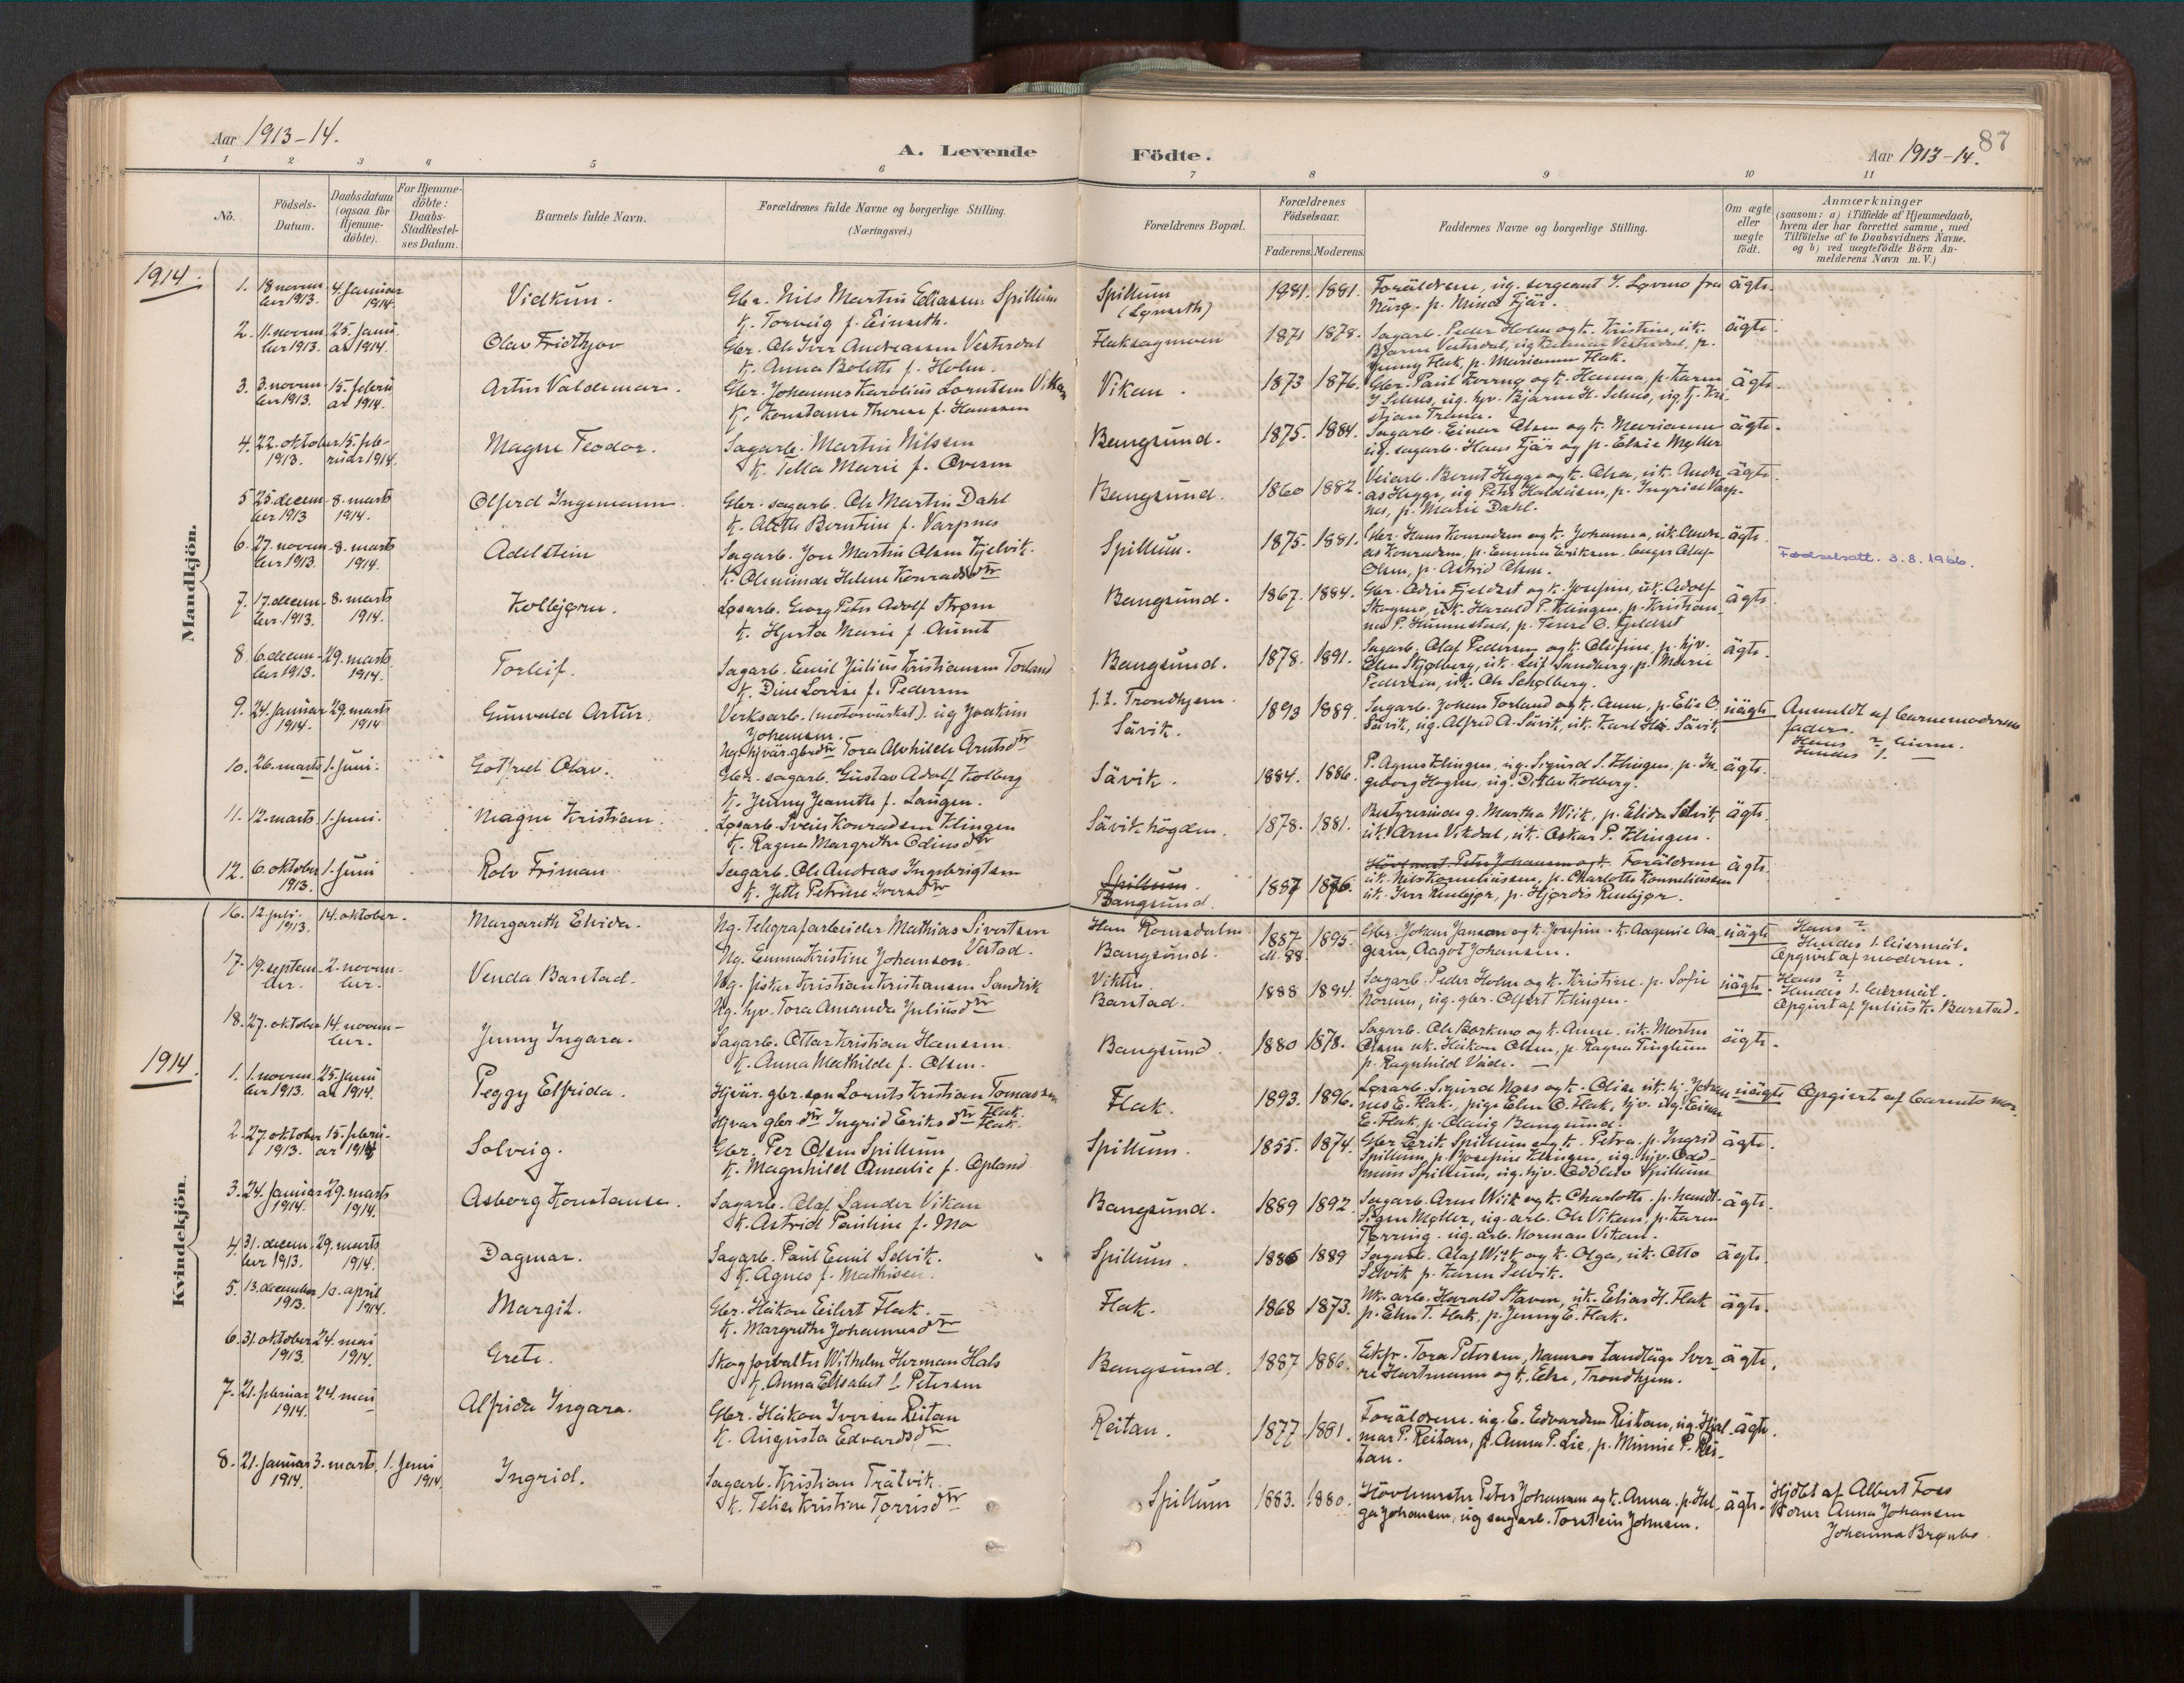 SAT, Ministerialprotokoller, klokkerbøker og fødselsregistre - Nord-Trøndelag, 770/L0589: Ministerialbok nr. 770A03, 1887-1929, s. 87